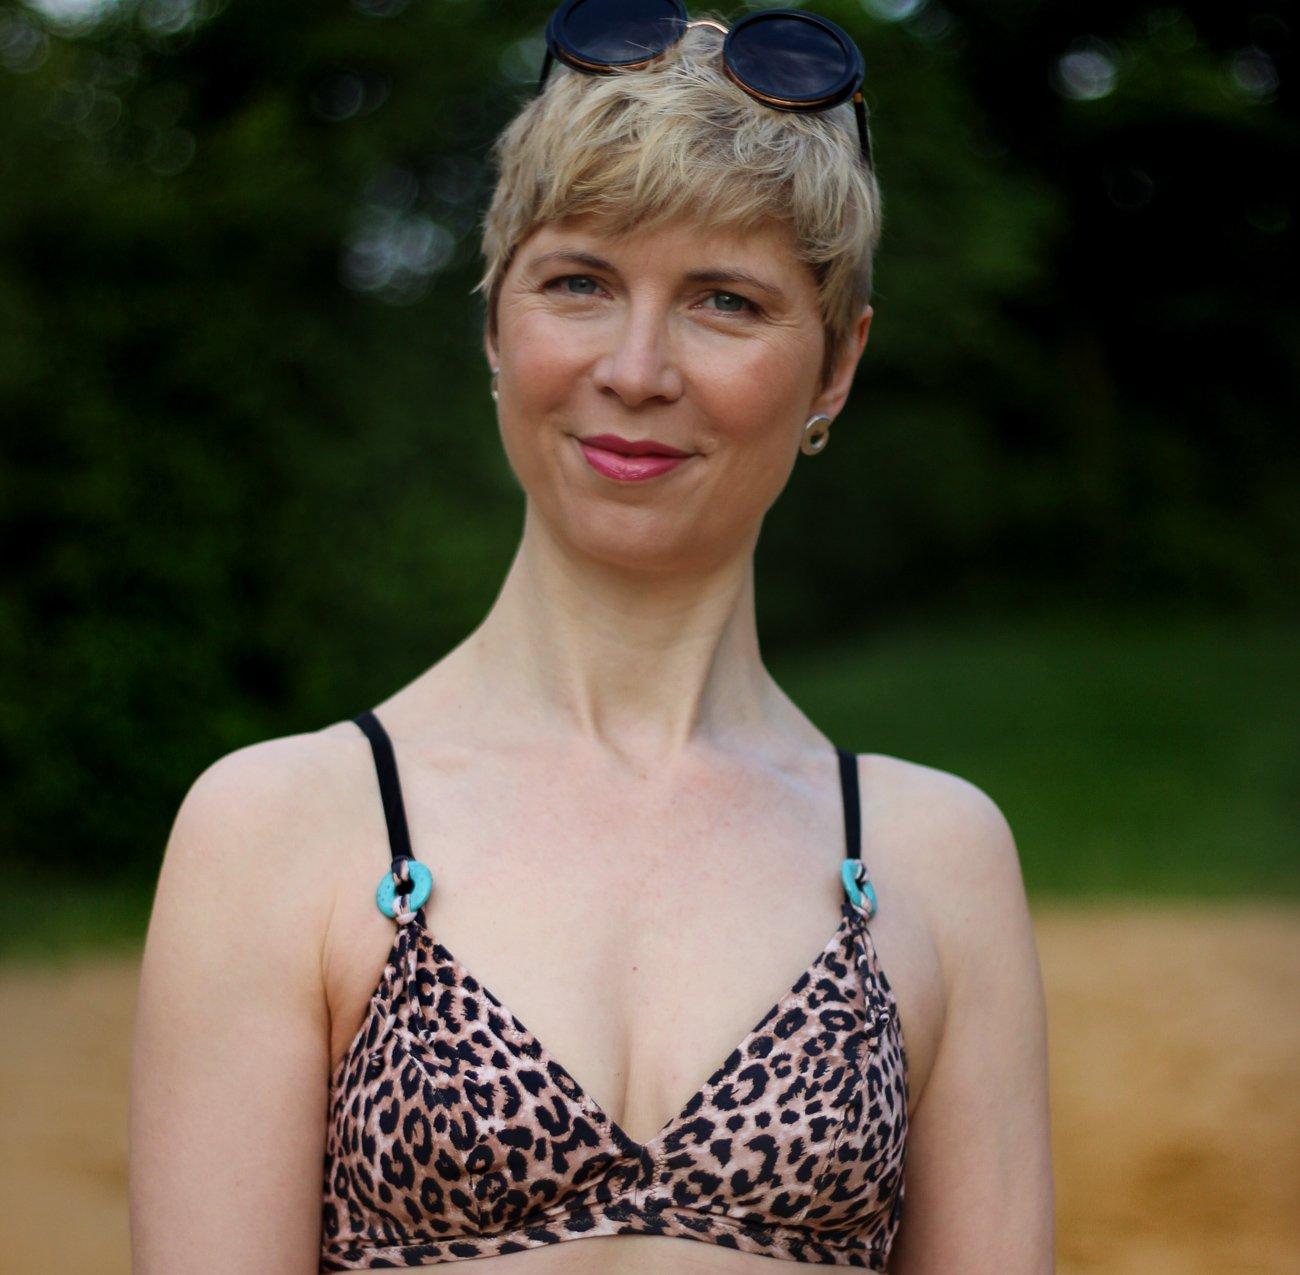 conny-doll-lifestyle: Urlaub auf Balkonien - Mix & Match besondere Beachwear von Rosa Faia